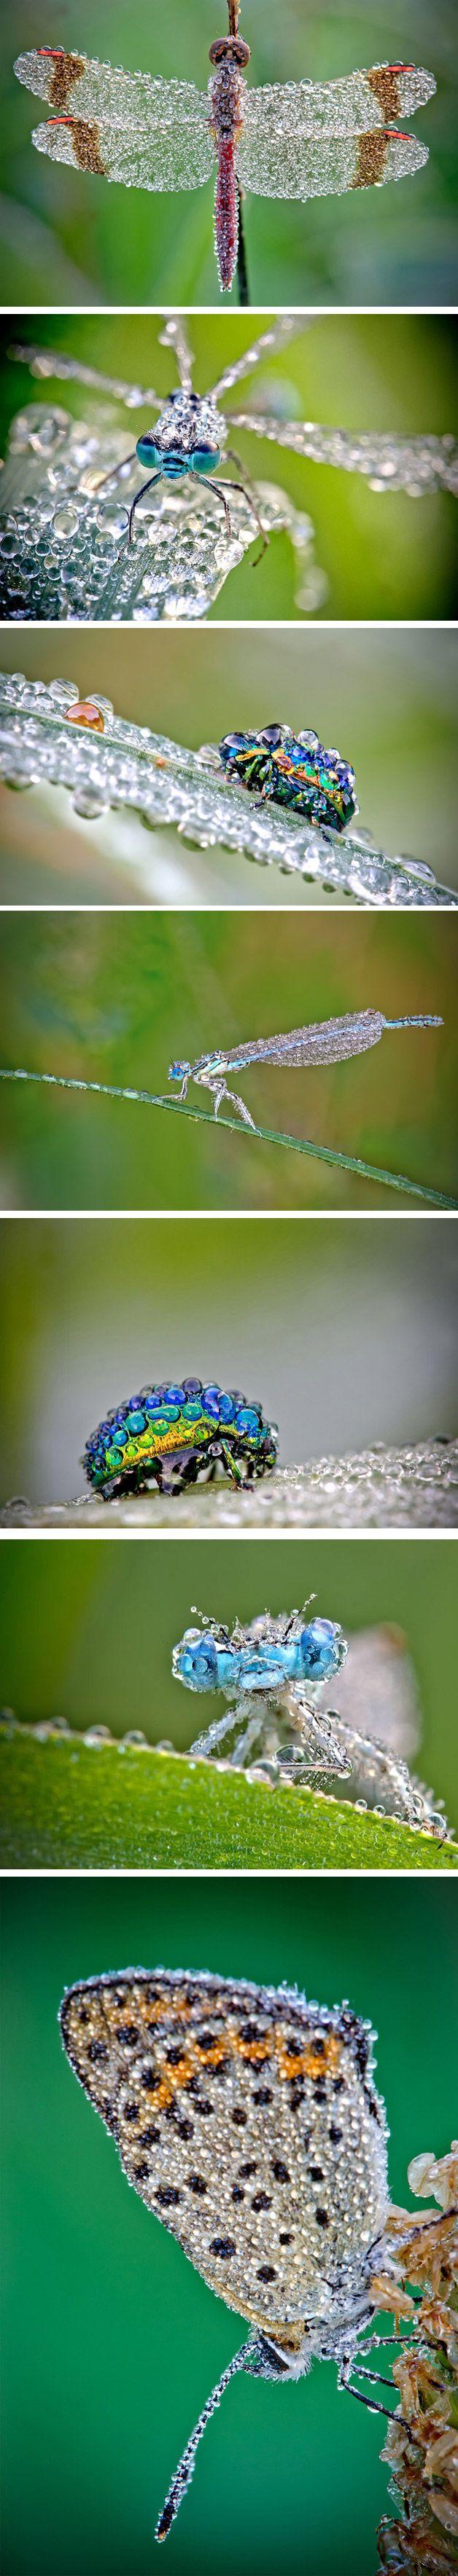 O fotógrafoDavid Chambonficou alguns meses estudando como fotografar insetos com o orvalho da manhã ou depois de uma chuva. O resultado valeu a pena tantos dias de tentativa e erro.